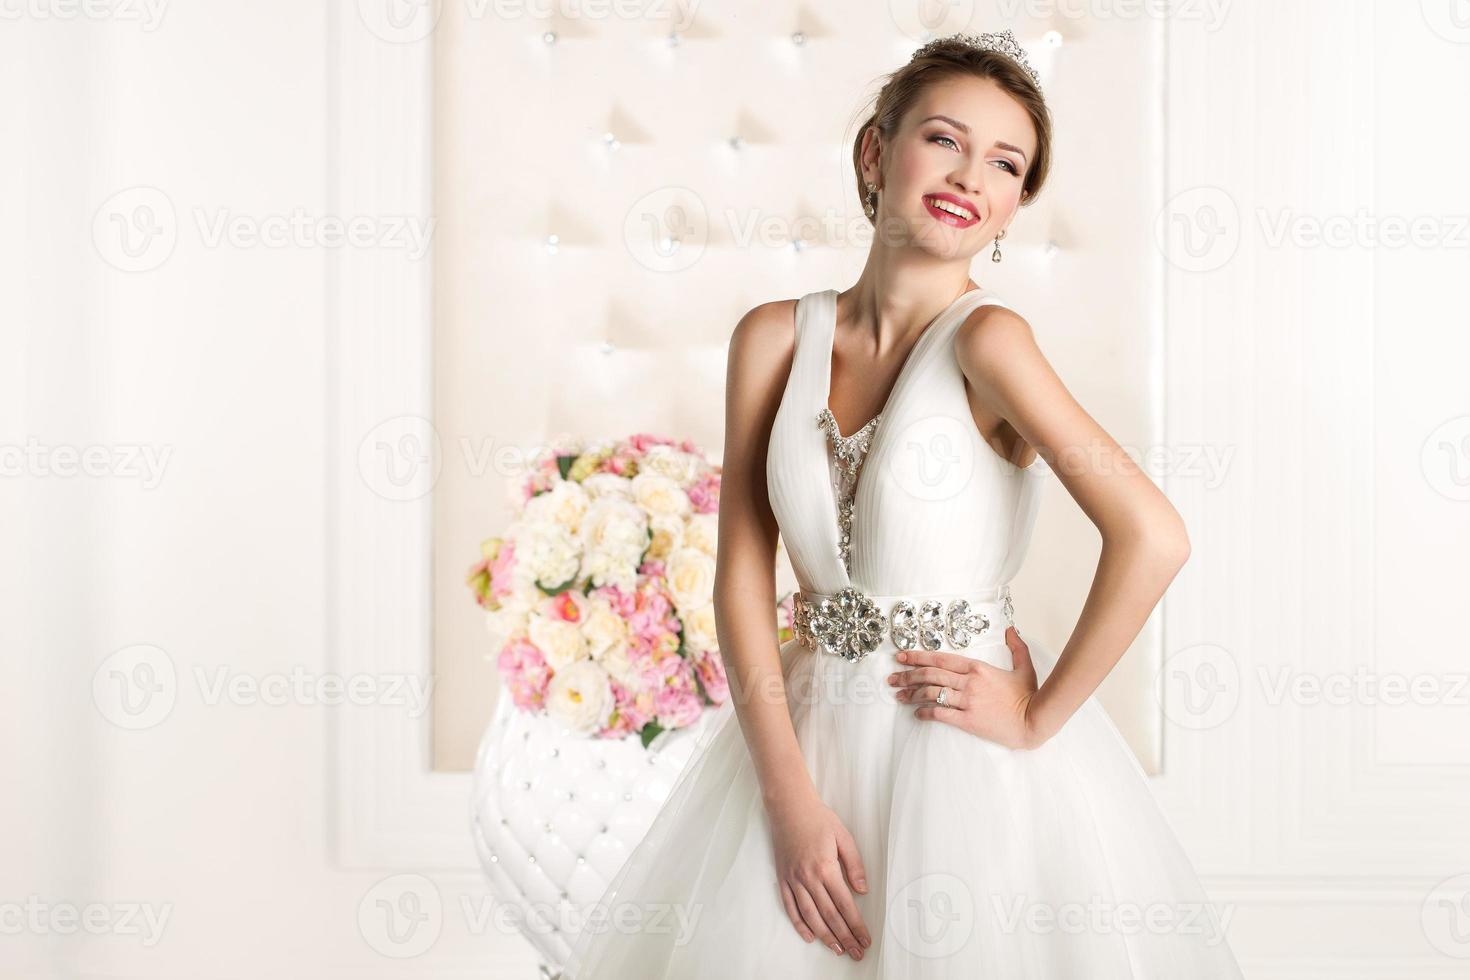 splendida sposa con abito bianco con bouquet di fiori foto